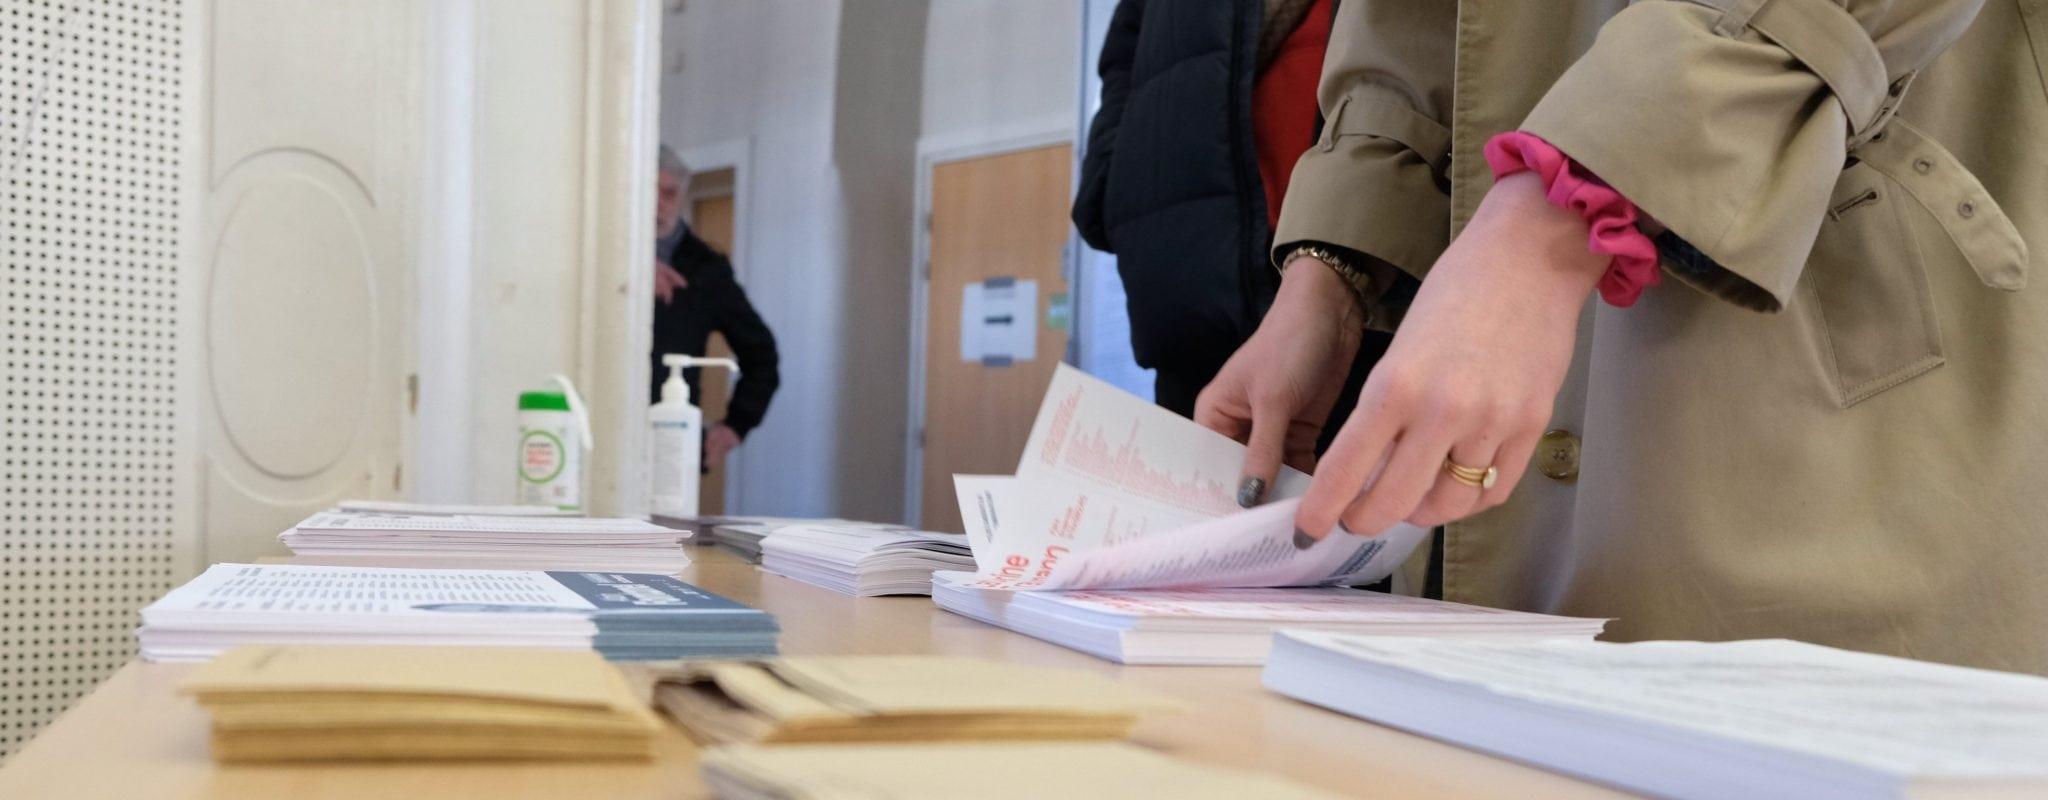 Des élections municipales à refaire? Un impact sur chacune des anciennes listes